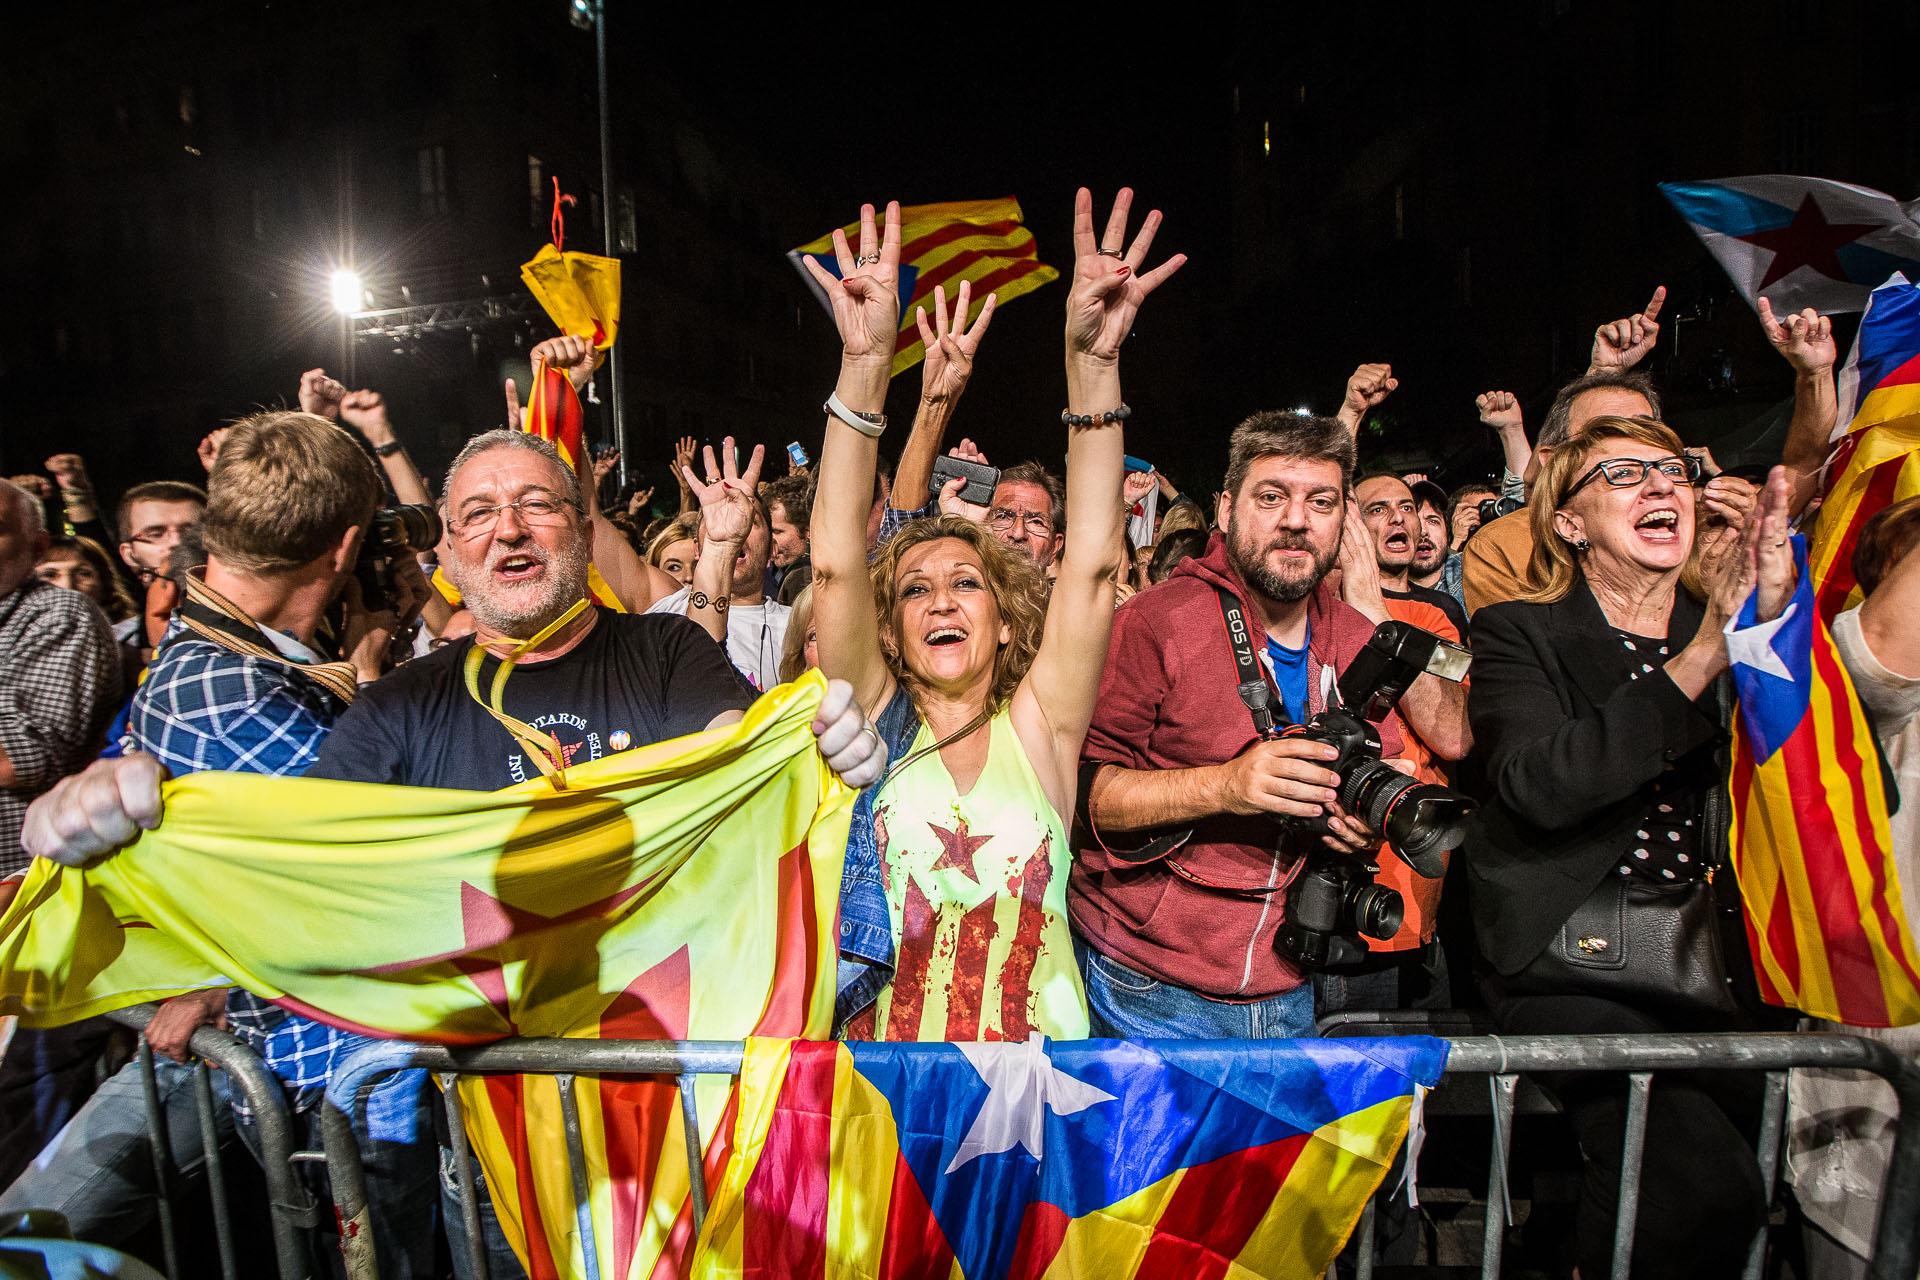 Simpatitzants de Junts pel Sí durant la nit electoral a Barcelona / JORDI BORRÀS